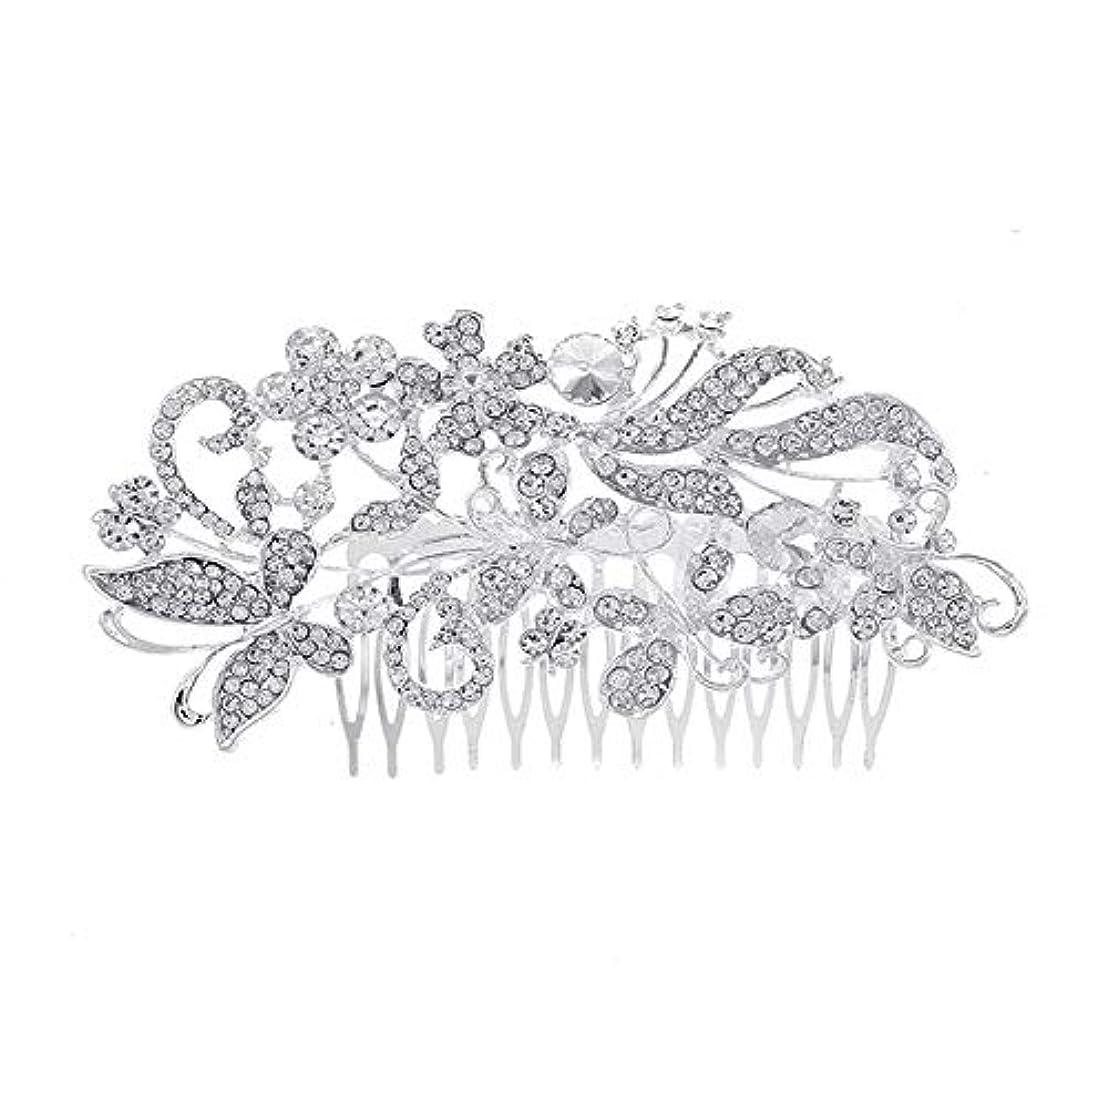 ラウズ些細な下手髪の櫛、櫛、花嫁の髪の櫛、亜鉛合金、結婚式のアクセサリー、櫛